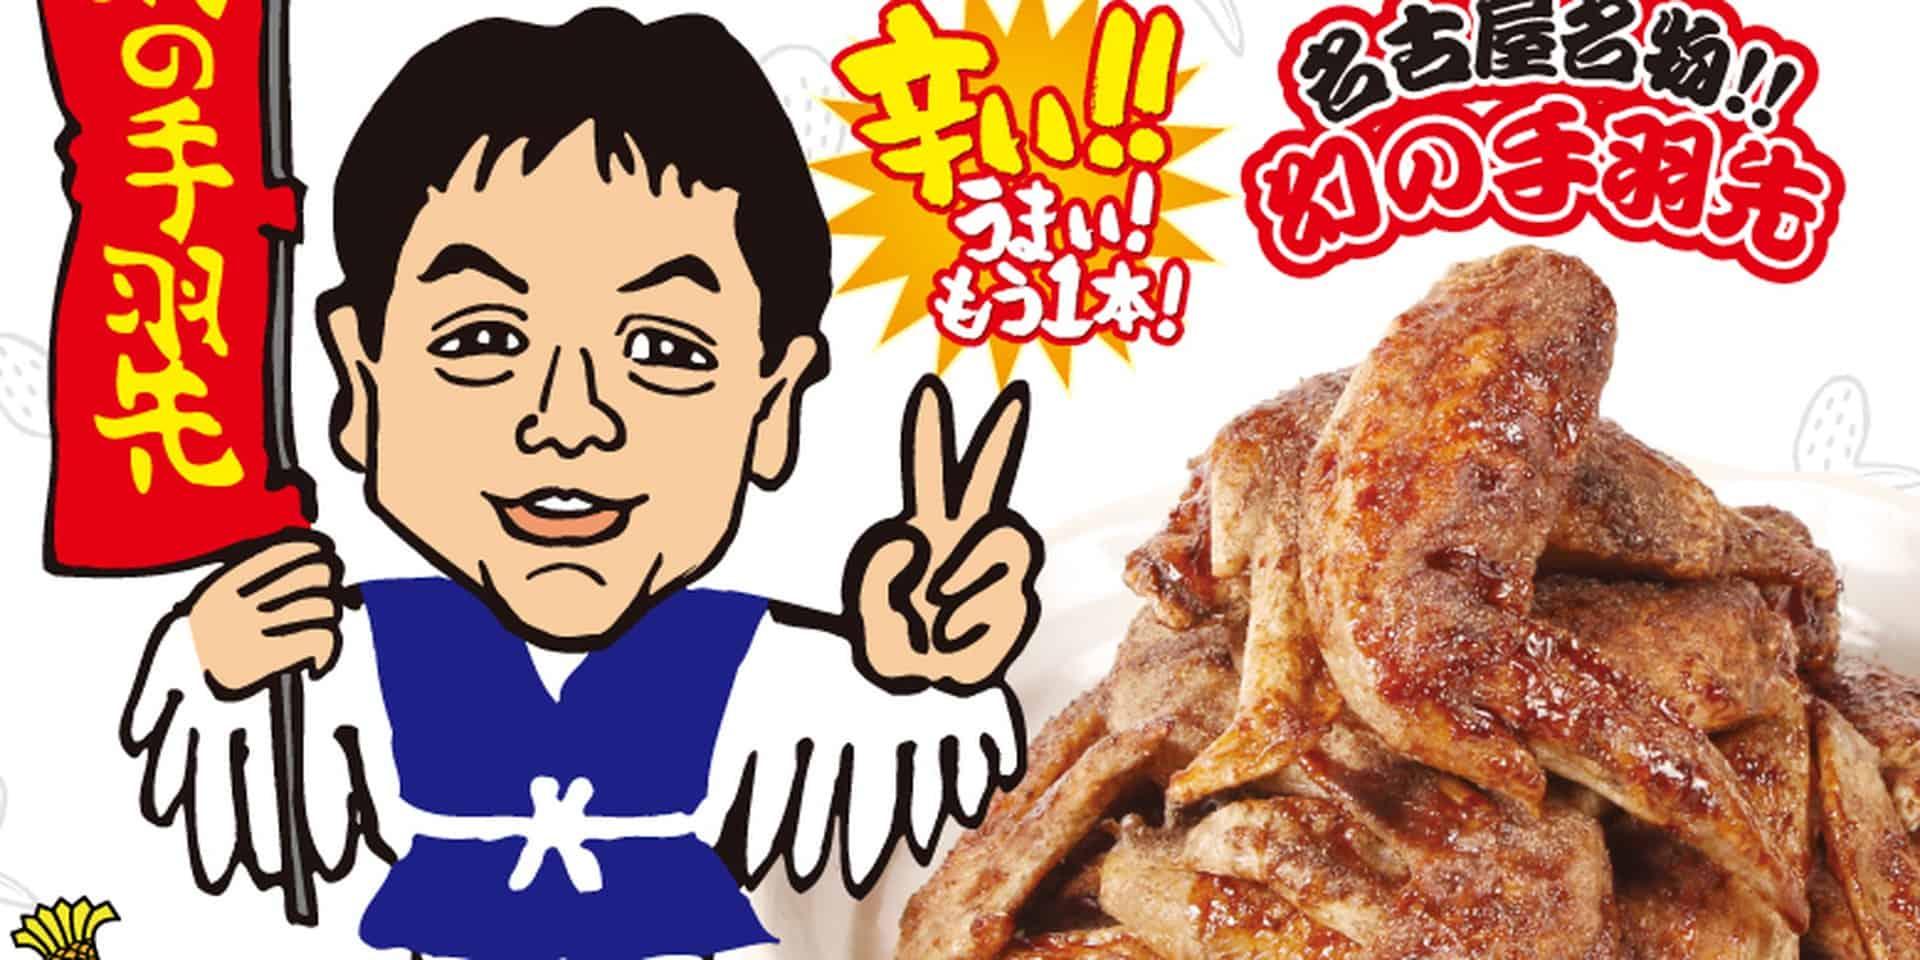 """ท่านประธานยามาโมโตะ มือซ้ายชูสองนิ้ว มือขวาถือธงที่เขียนว่า """"มาโบโรชิ โนะ เทบะซากิ"""" ซึ่งหมายความว่า """"เทบะซากิในตำนาน"""""""